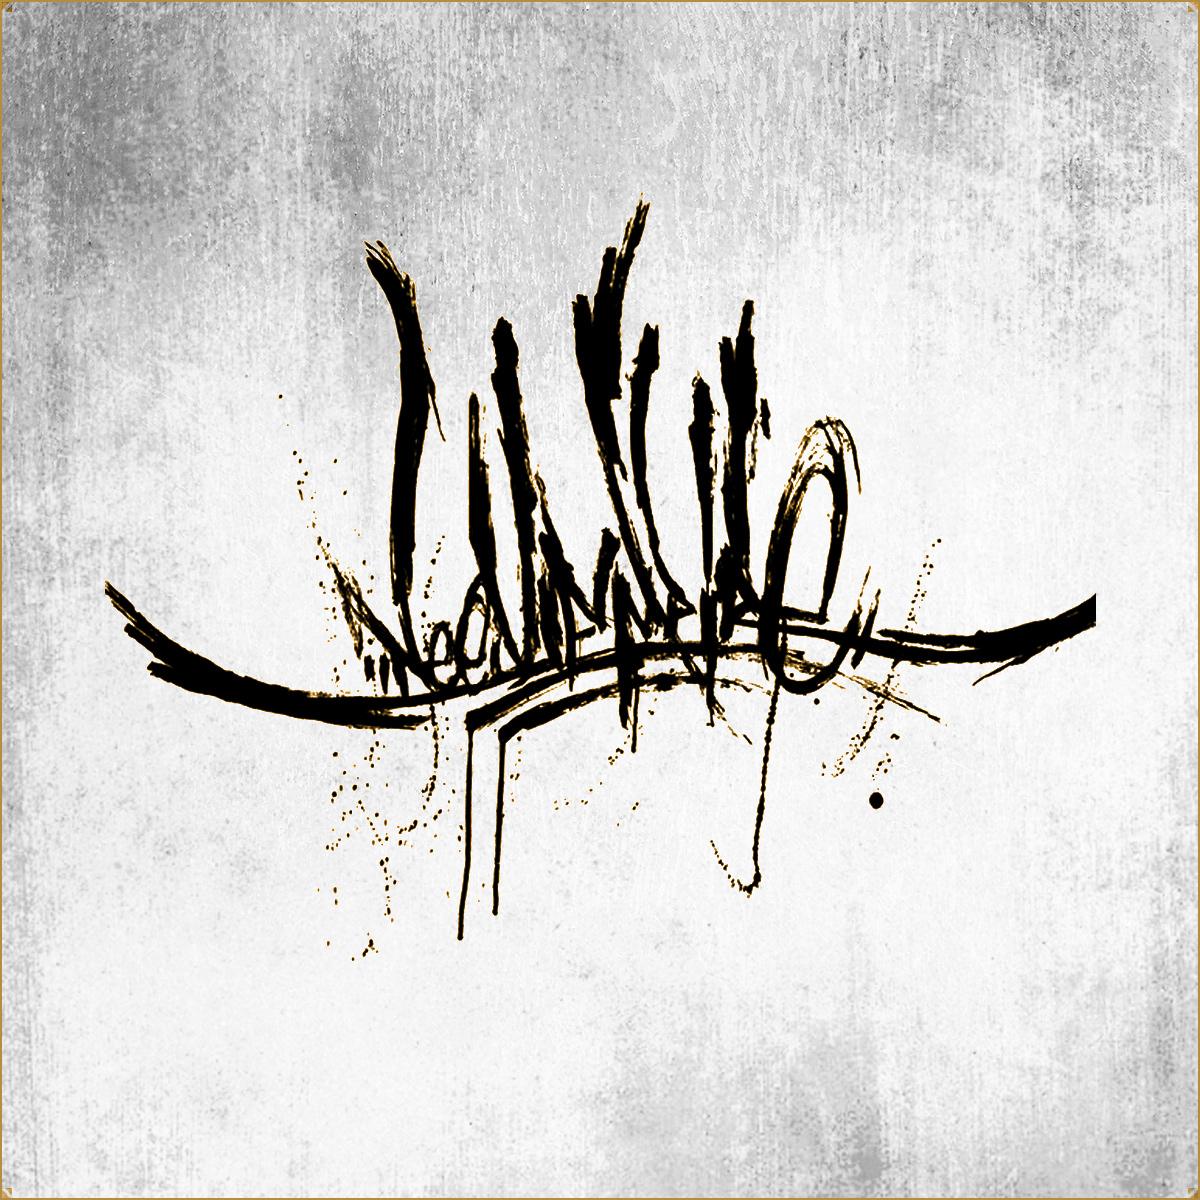 BricolArts - Artist profile picture - needlEmpire logo